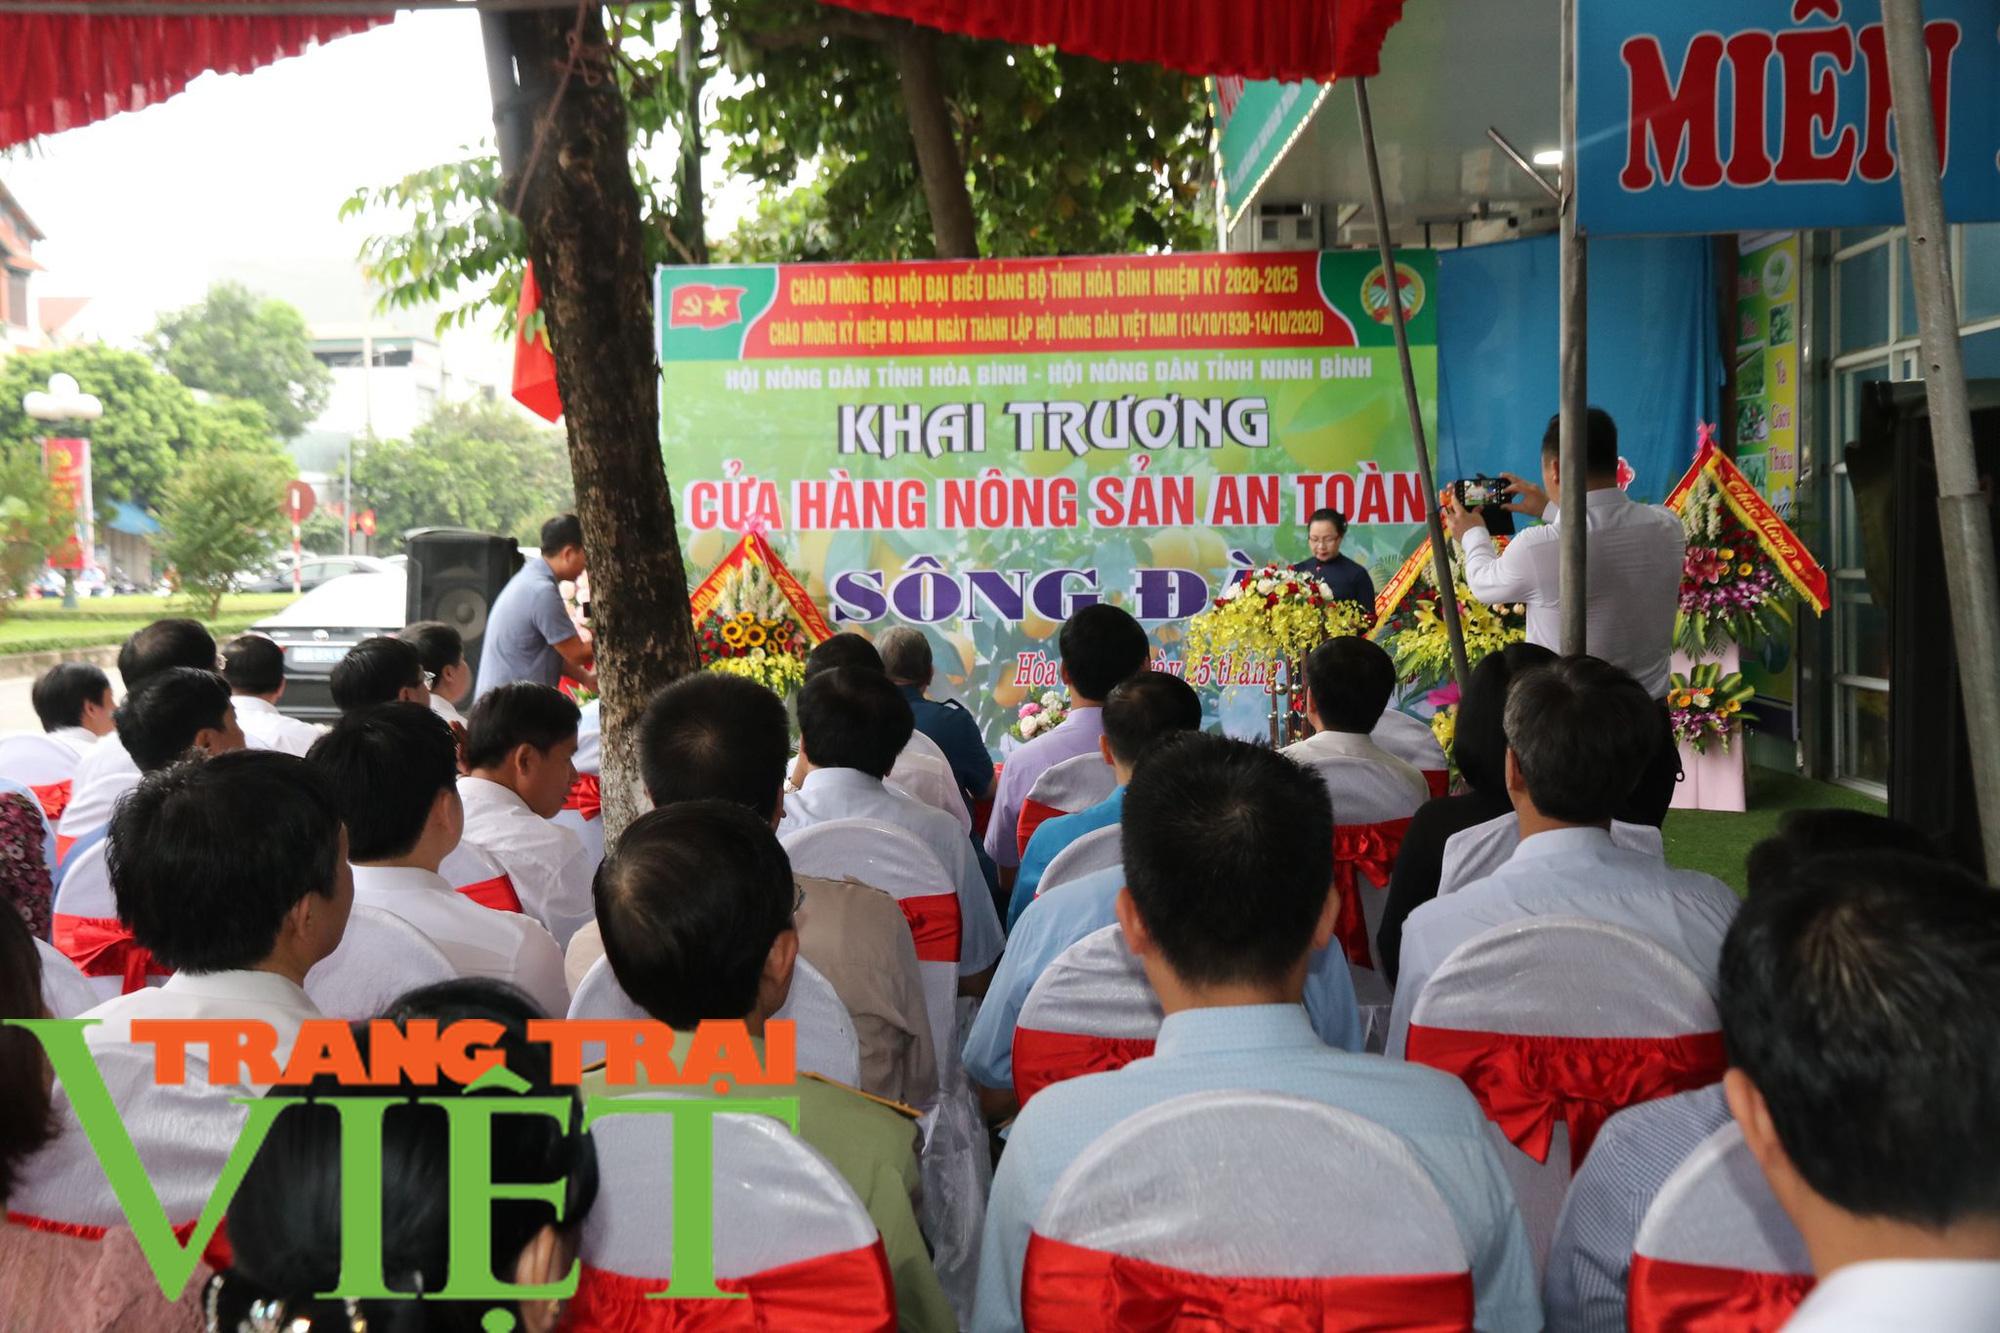 Gần 3,8 vạn nông dân tỉnh Hòa Bình đạt danh hiệu sản xuất, kinh doanh giỏi - Ảnh 8.